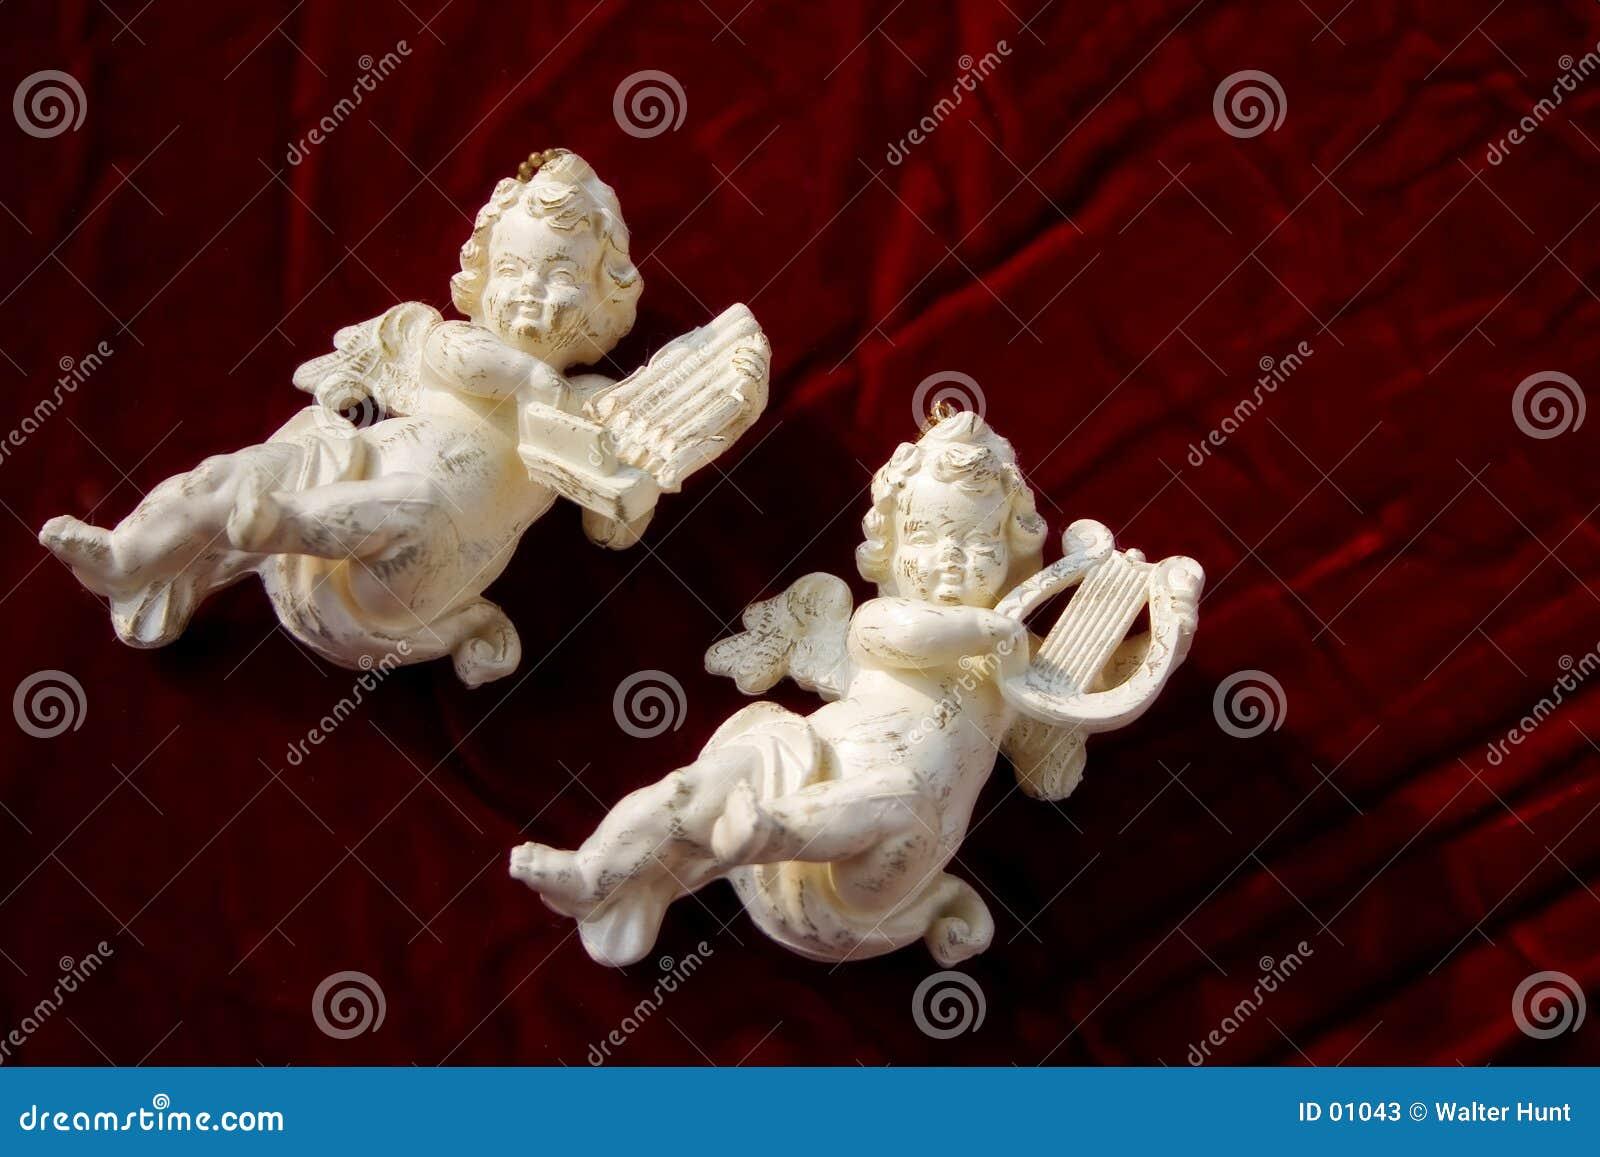 Aniołeczkowie aksamitni